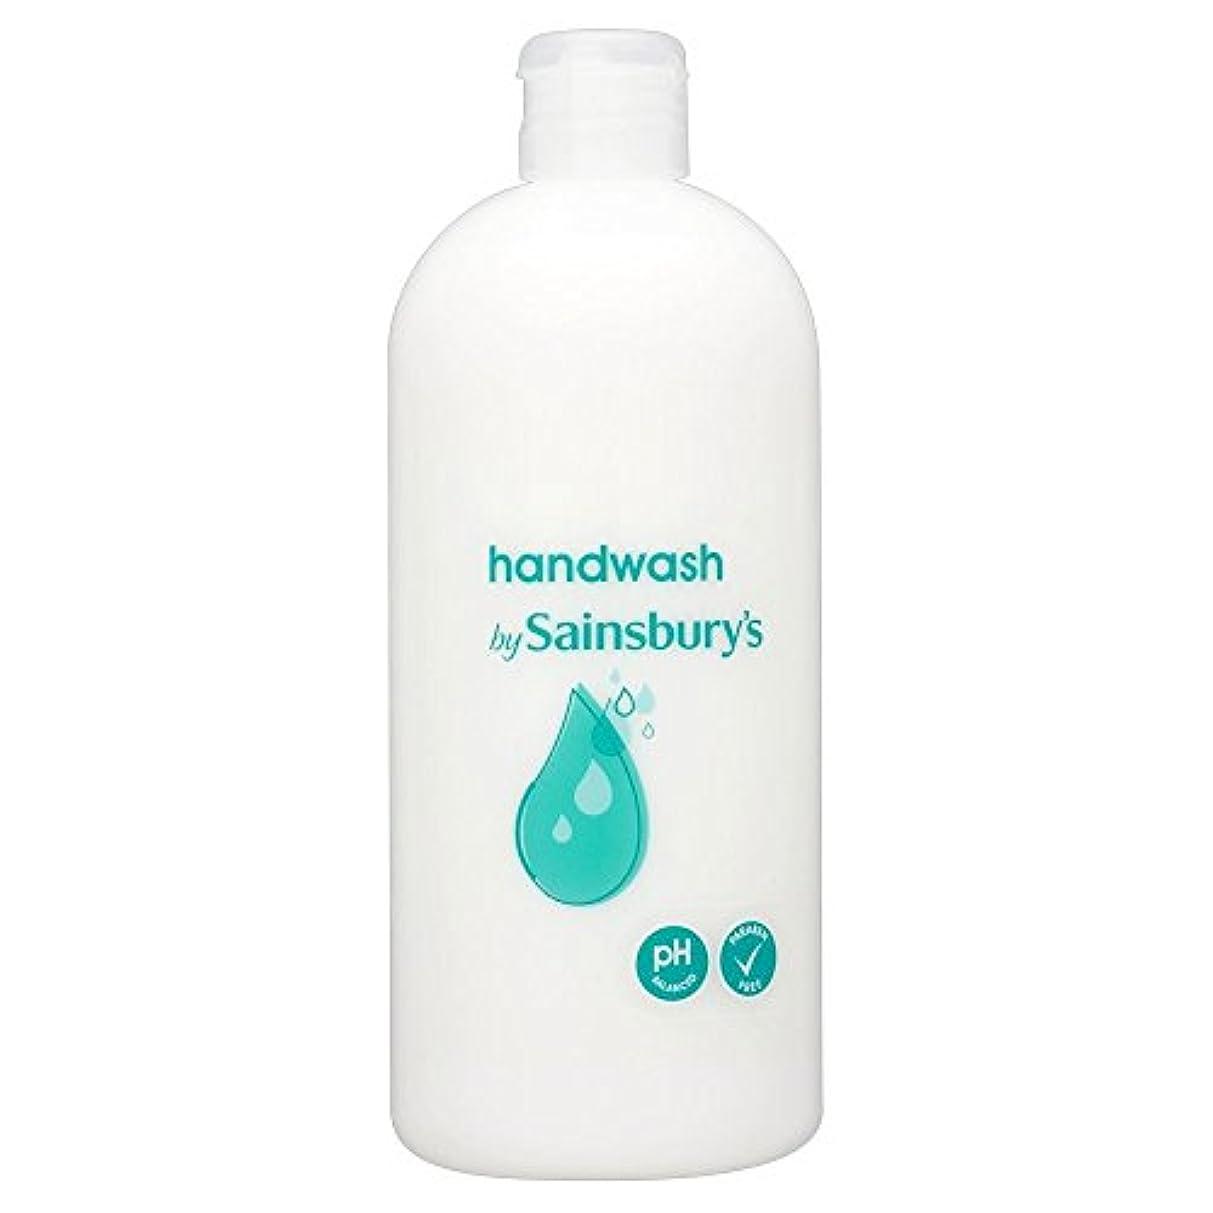 唯一年金受給者用心するSainsbury's Handwash, White Refill 500ml (Pack of 4) - (Sainsbury's) 手洗い、白リフィル500ミリリットル (x4) [並行輸入品]